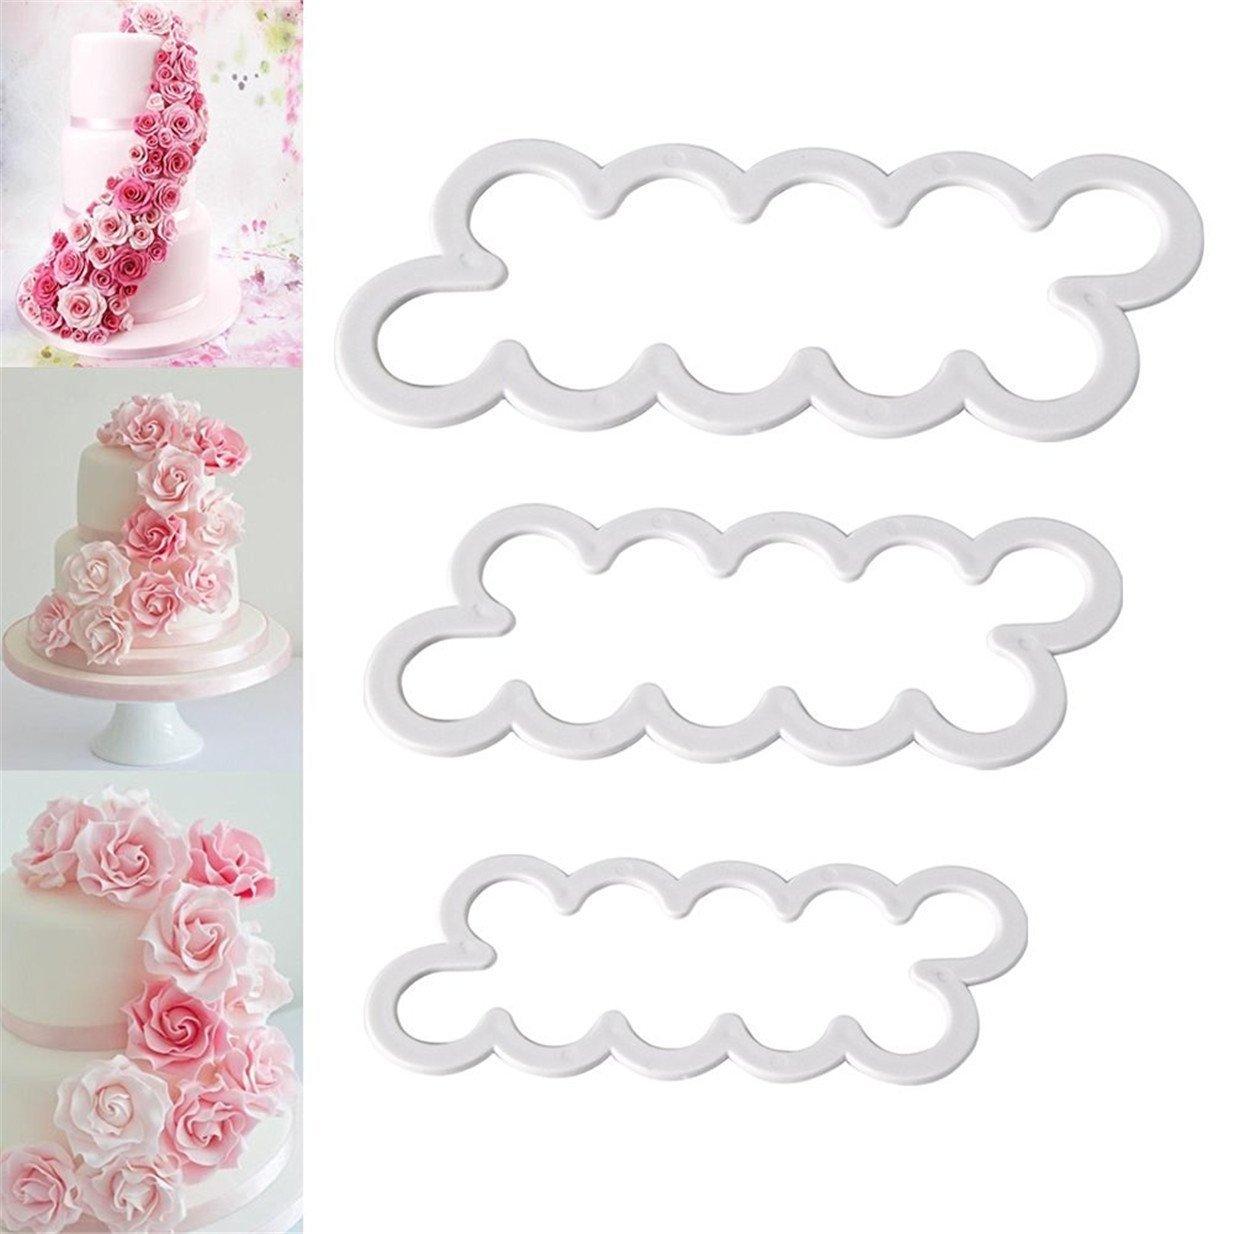 WA 3d rosa flor de pétalos para tartas galletas Fondant molde DIY herramientas de decoración: Amazon.es: Hogar